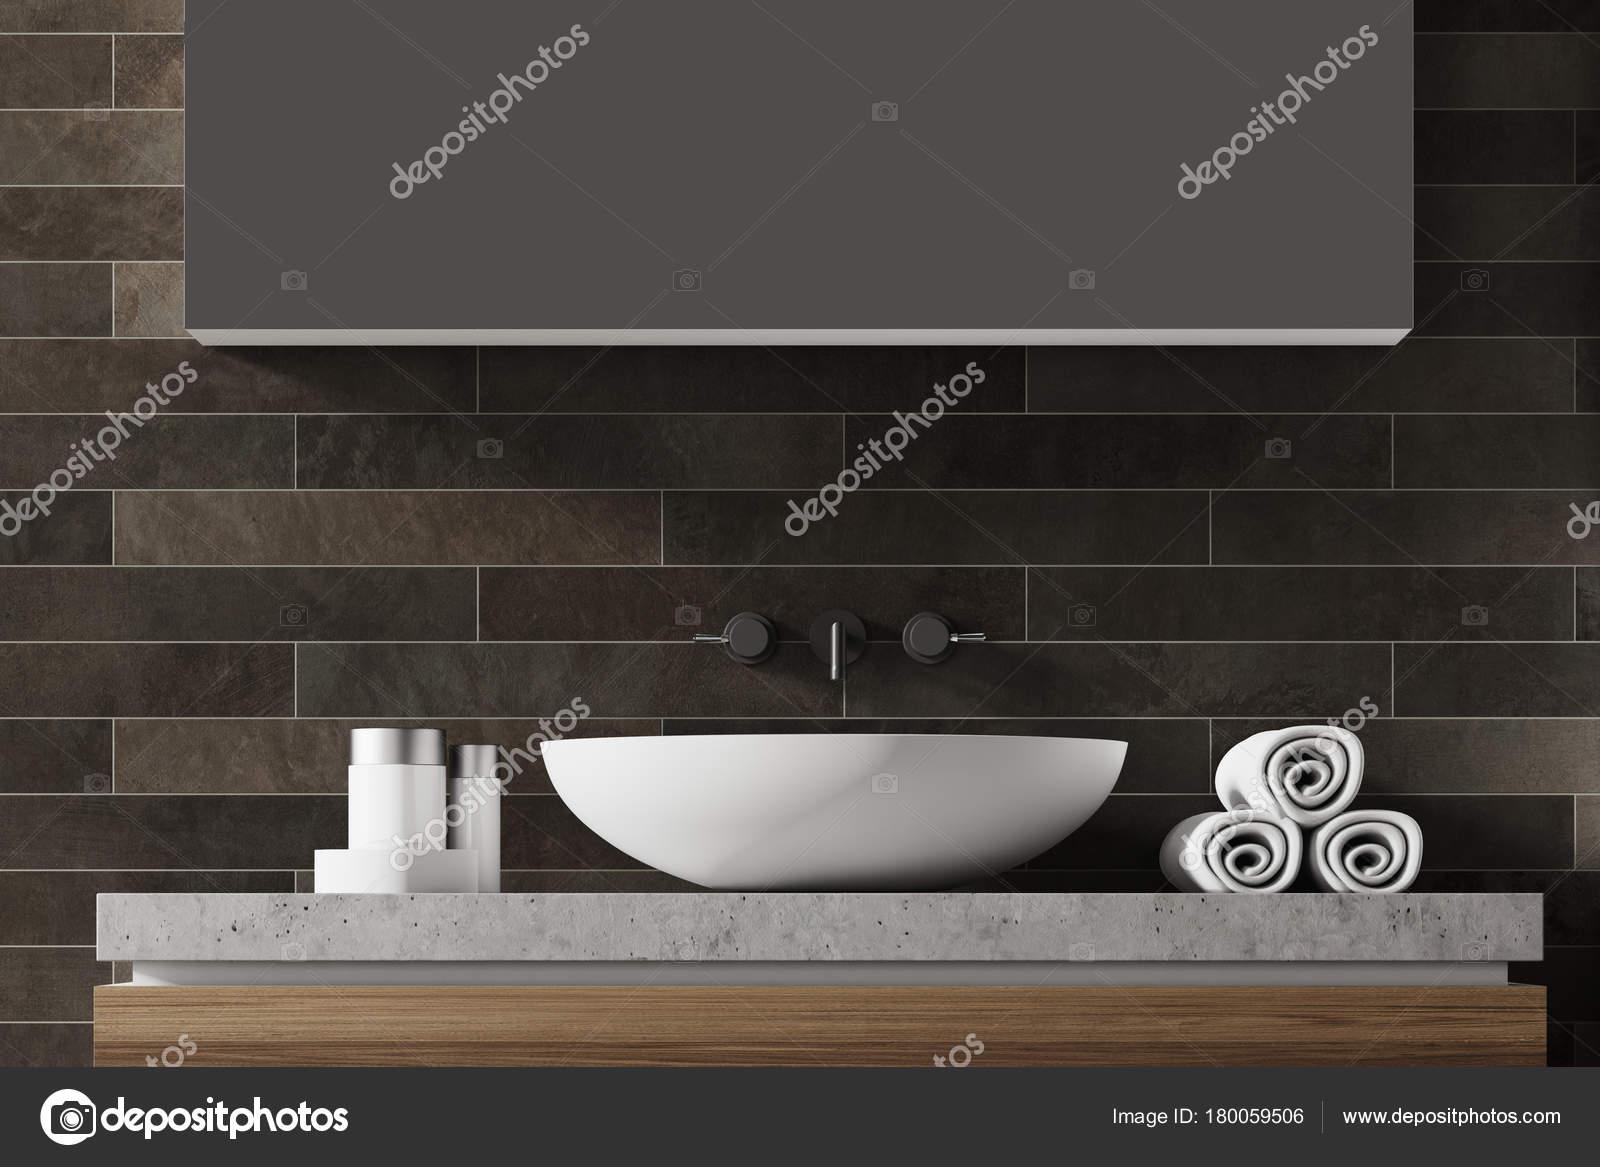 Lavandino del bagno di mattoni nero u2014 foto stock © denisismagilov